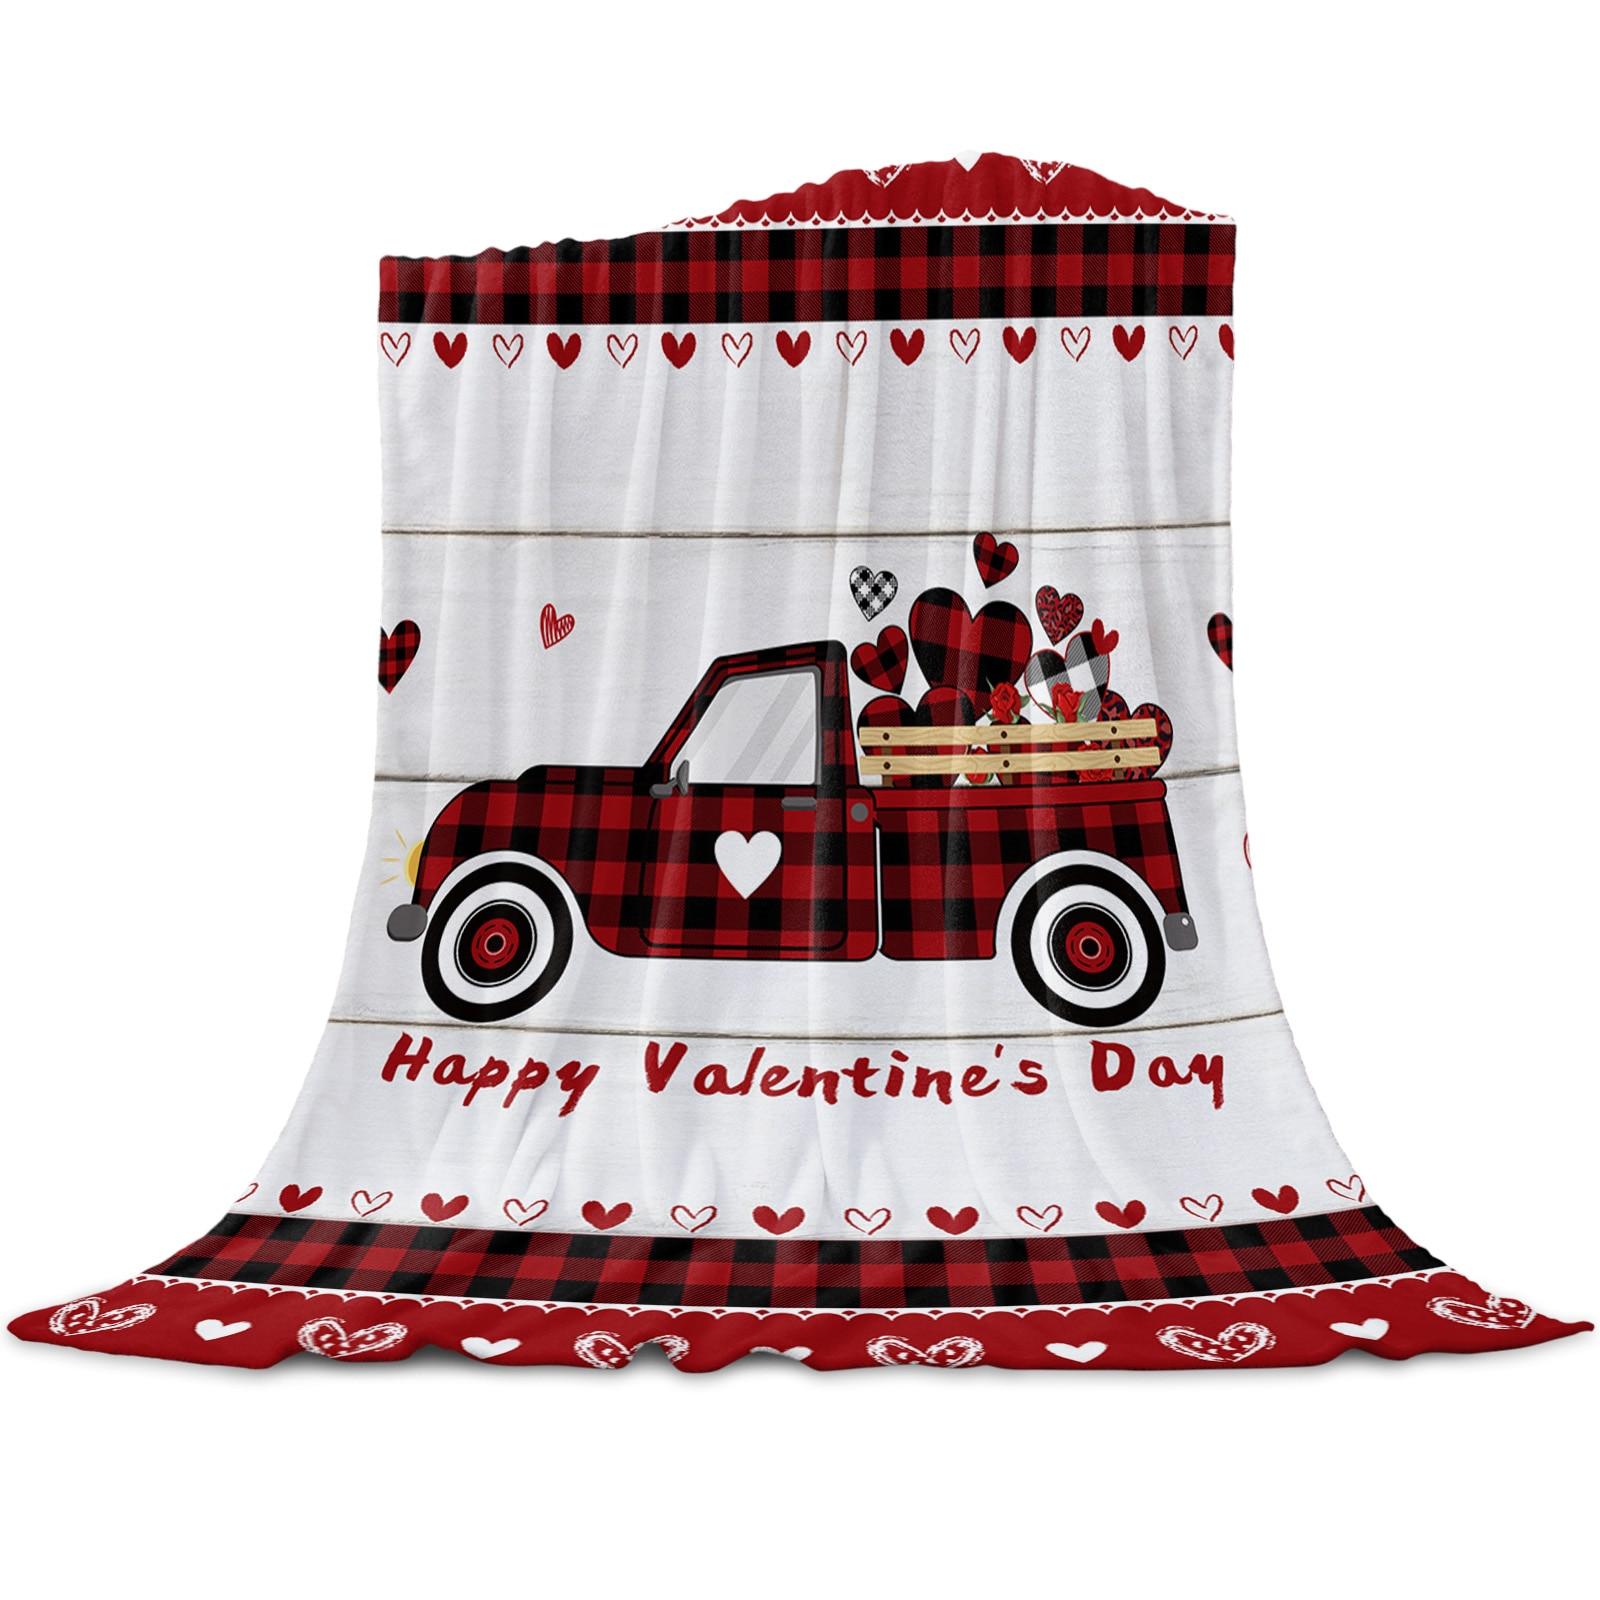 عيد الحب شاحنة الحب سبورة خشبية رمي بطانية للأسرة ستوكات الفانيلا بطانية دافئة أريكة الفراش المفرش الهدايا